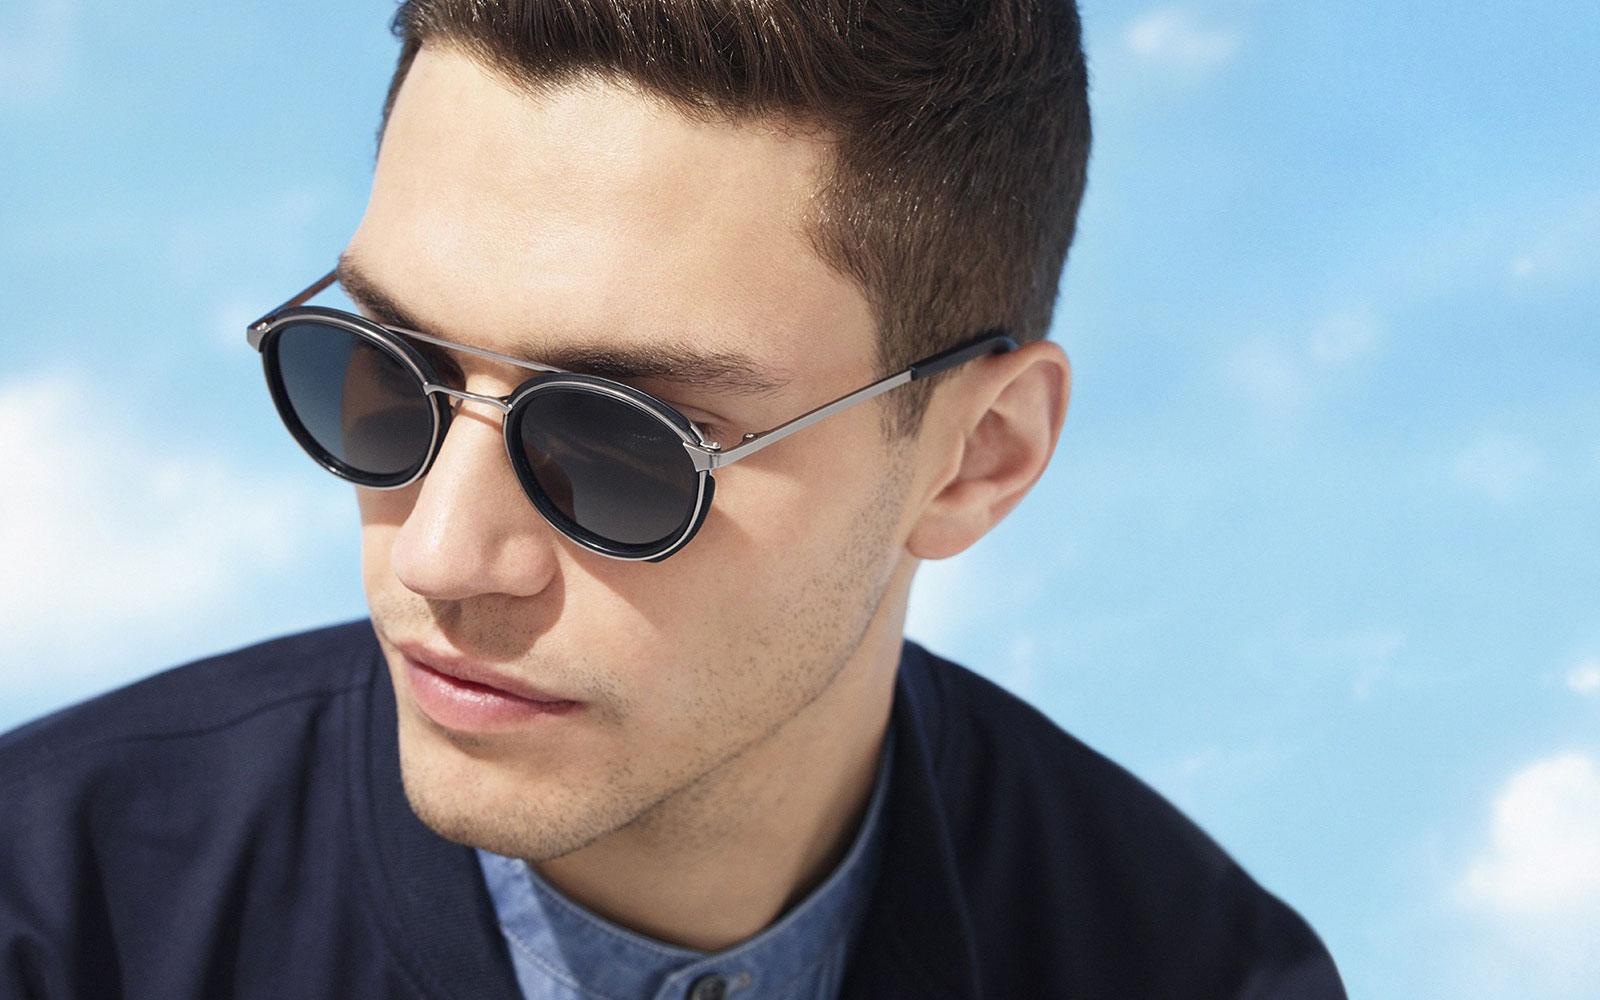 مشخصات یک عینک آفتابی استاندارد چیست؟